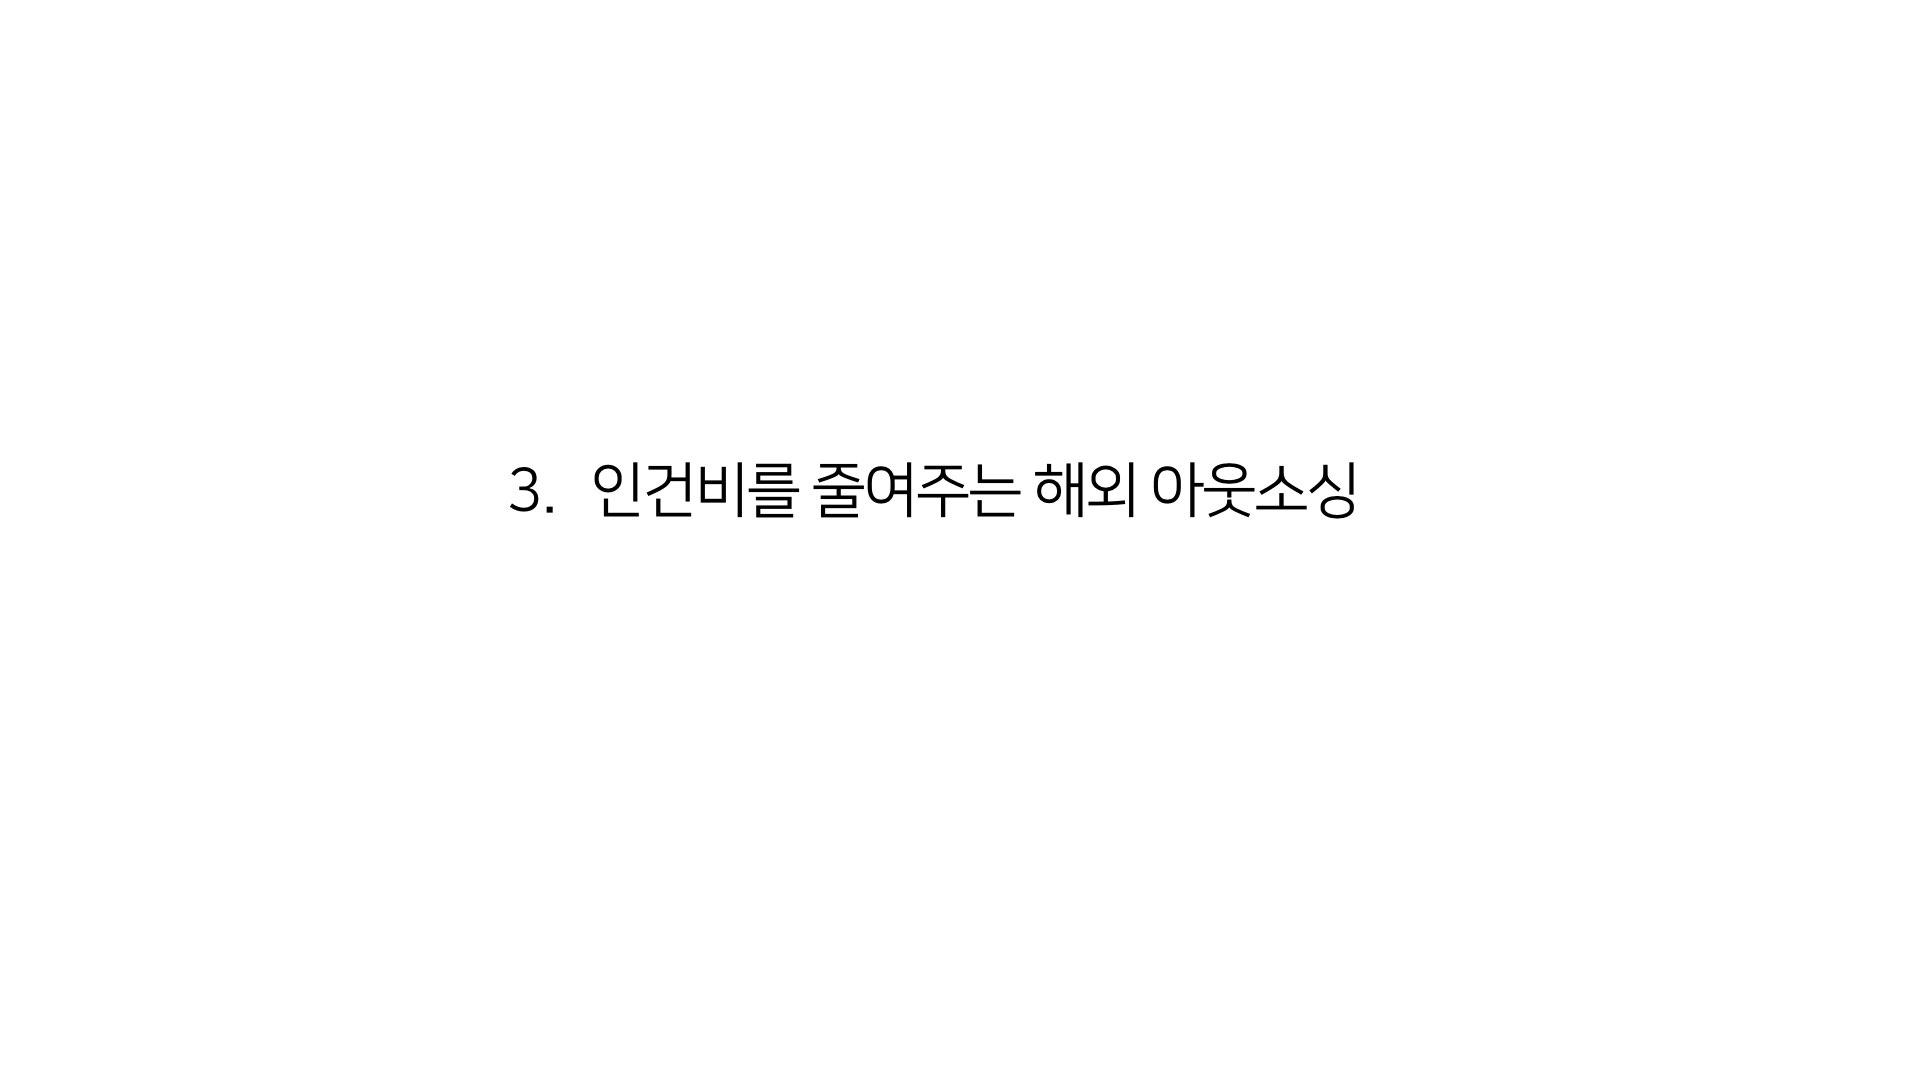 무자본창업에서 세일즈자동화까지.116